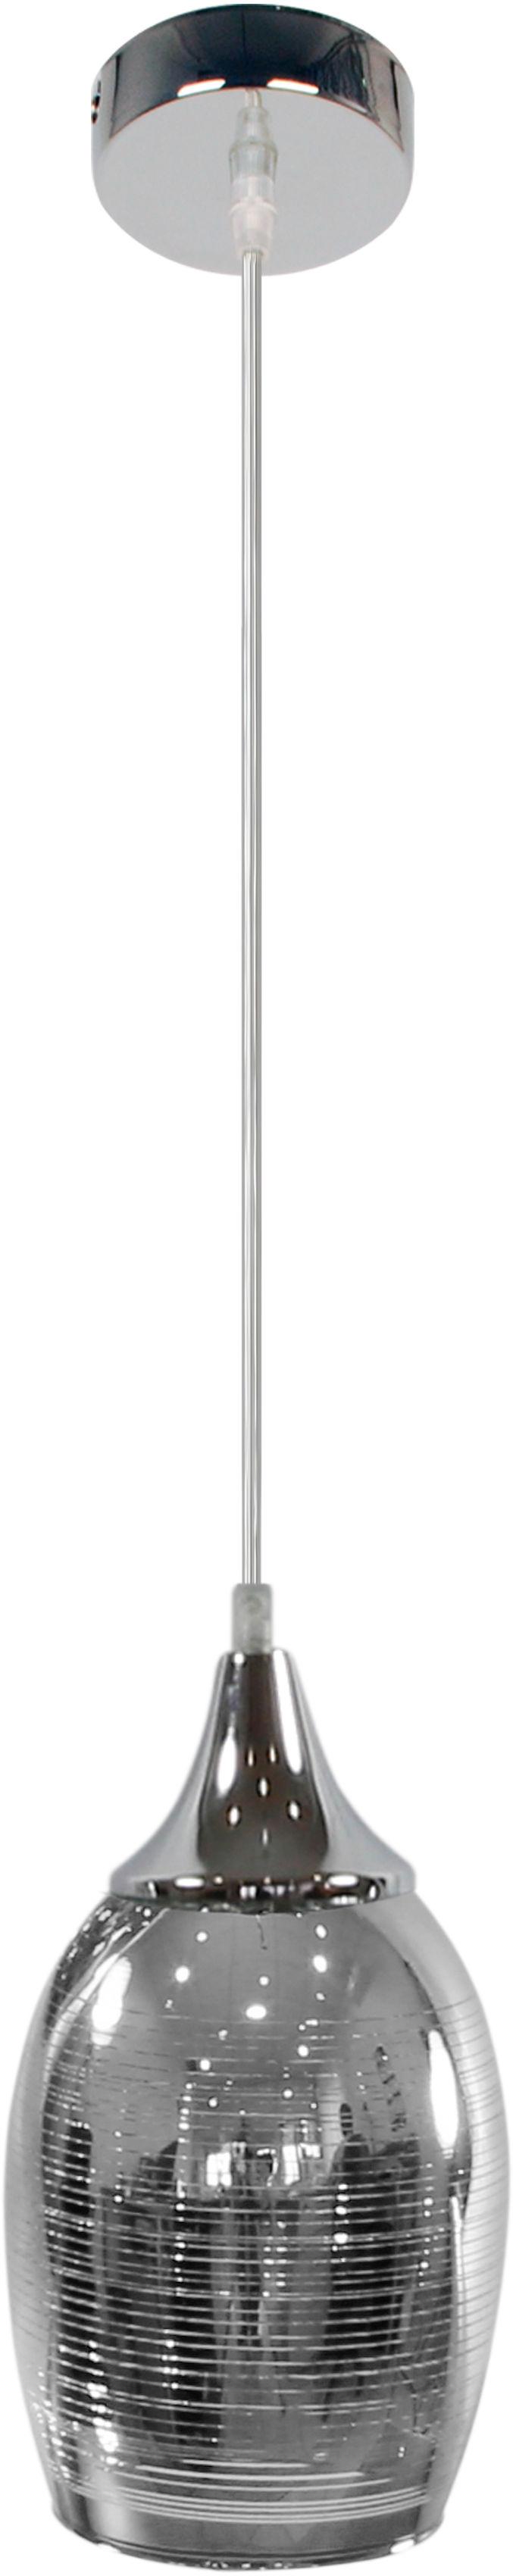 Candellux MARINA 31-60174 lampa wisząca chrom 1X60W E27 14cm